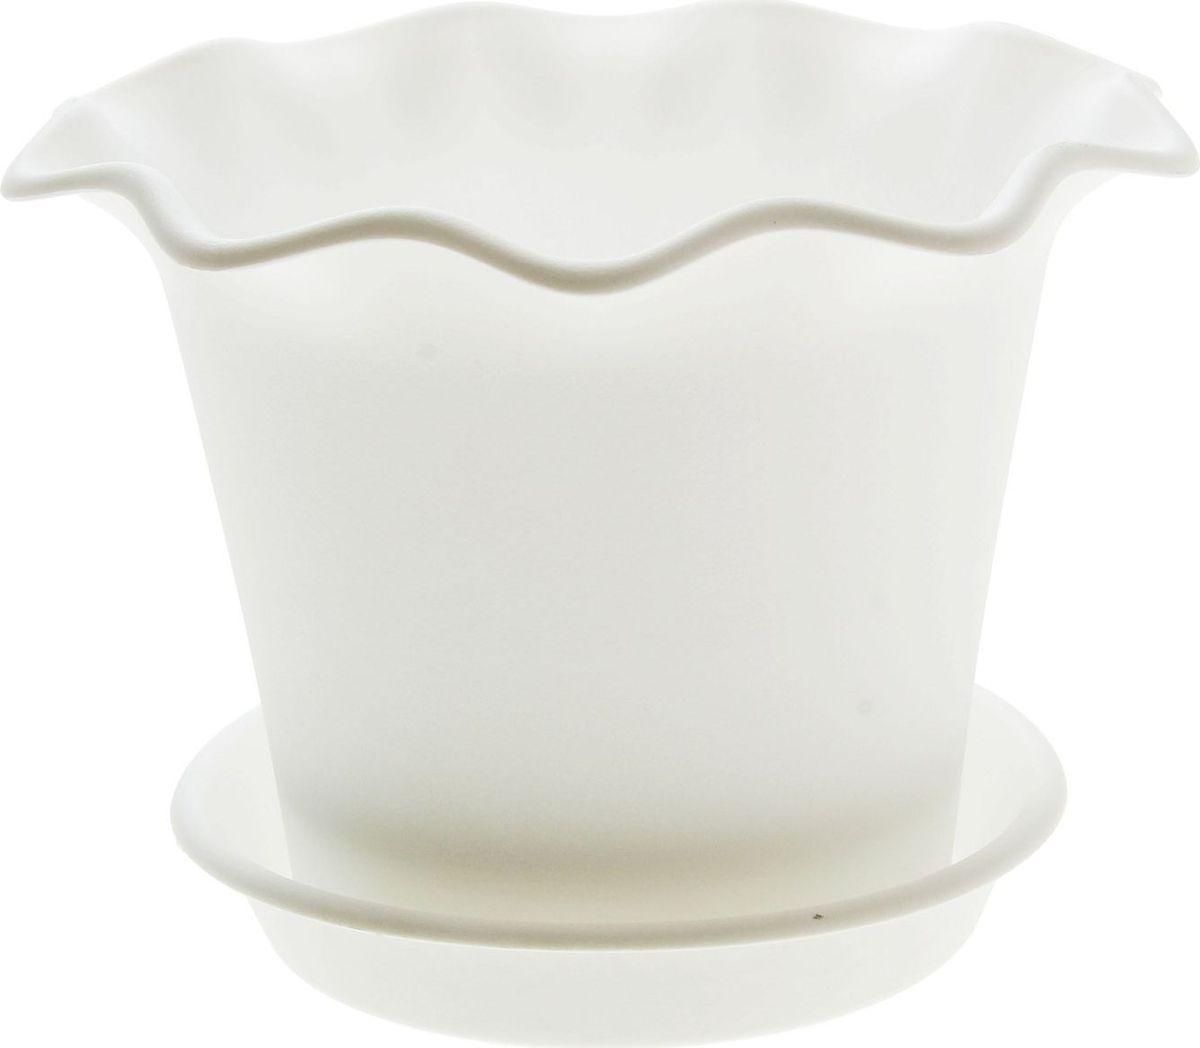 Горшок для цветов InGreen Бали, с поддоном, цвет: белый, диаметр 16 смING45016БЛГоршок InGreen Бали выполнен из высококачественного полипропилена (пластика) и предназначен для выращивания цветов, растений и трав. Снабжен поддоном для стока воды.Такой горшок порадует вас функциональностью, а благодаря лаконичному дизайну впишется в любой интерьер помещения.Диаметр горшка (по верхнему краю): 16 см. Высота горшка: 12,3 см.